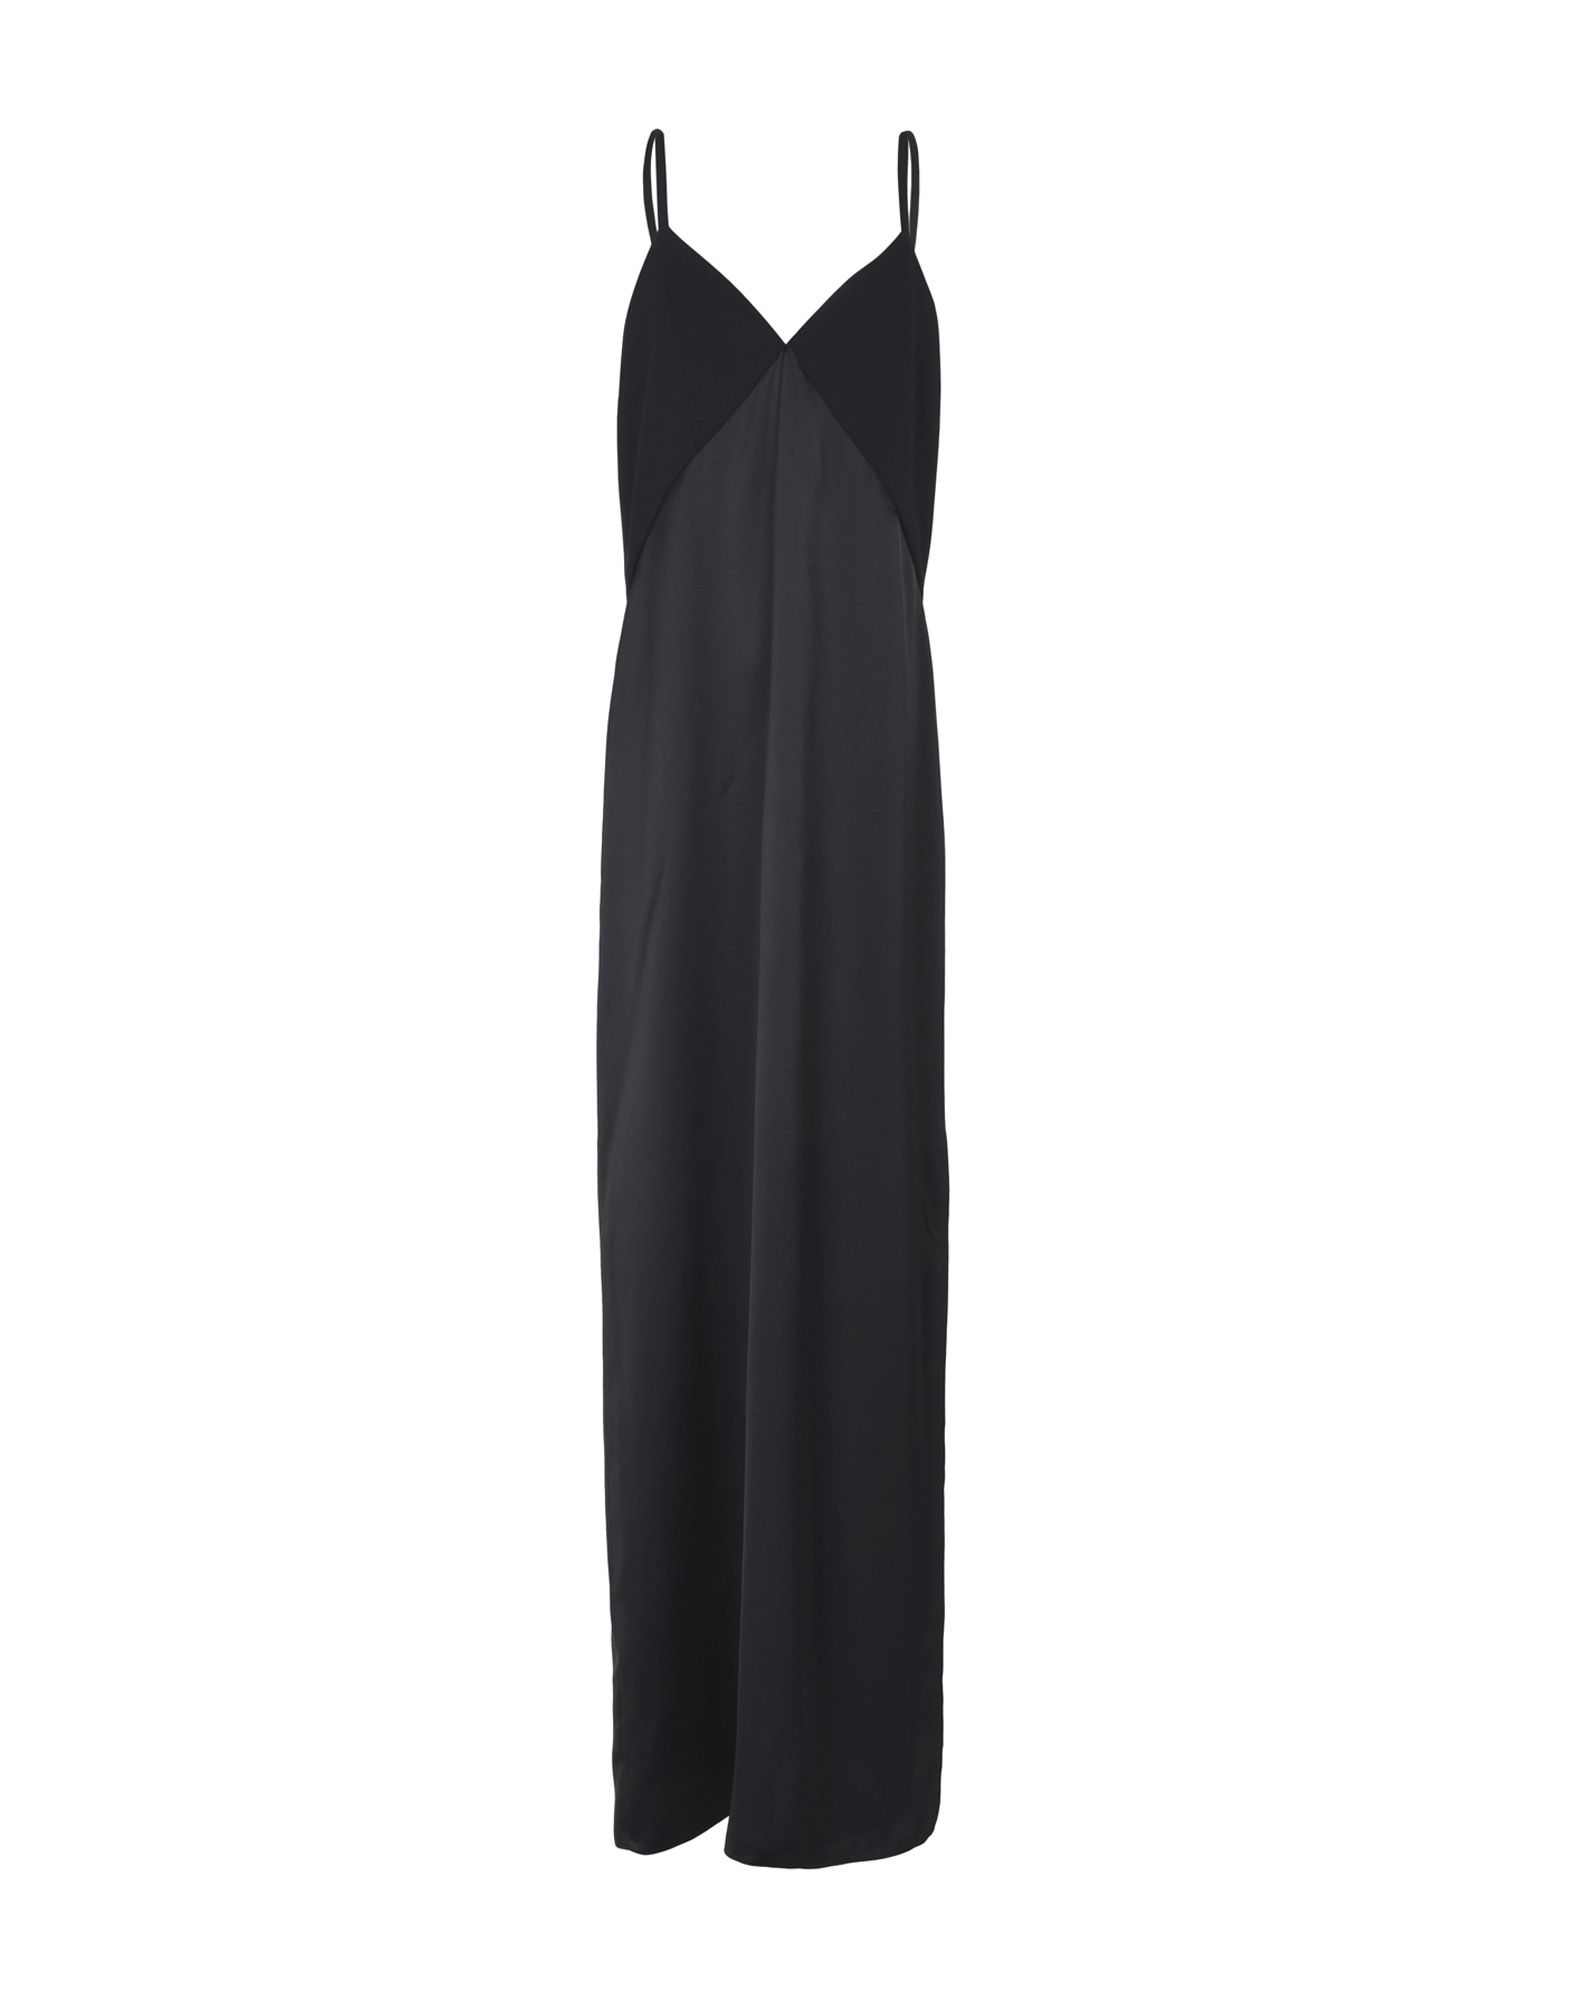 NINEMINUTES Длинное платье платье короткое спереди длинное сзади летнее